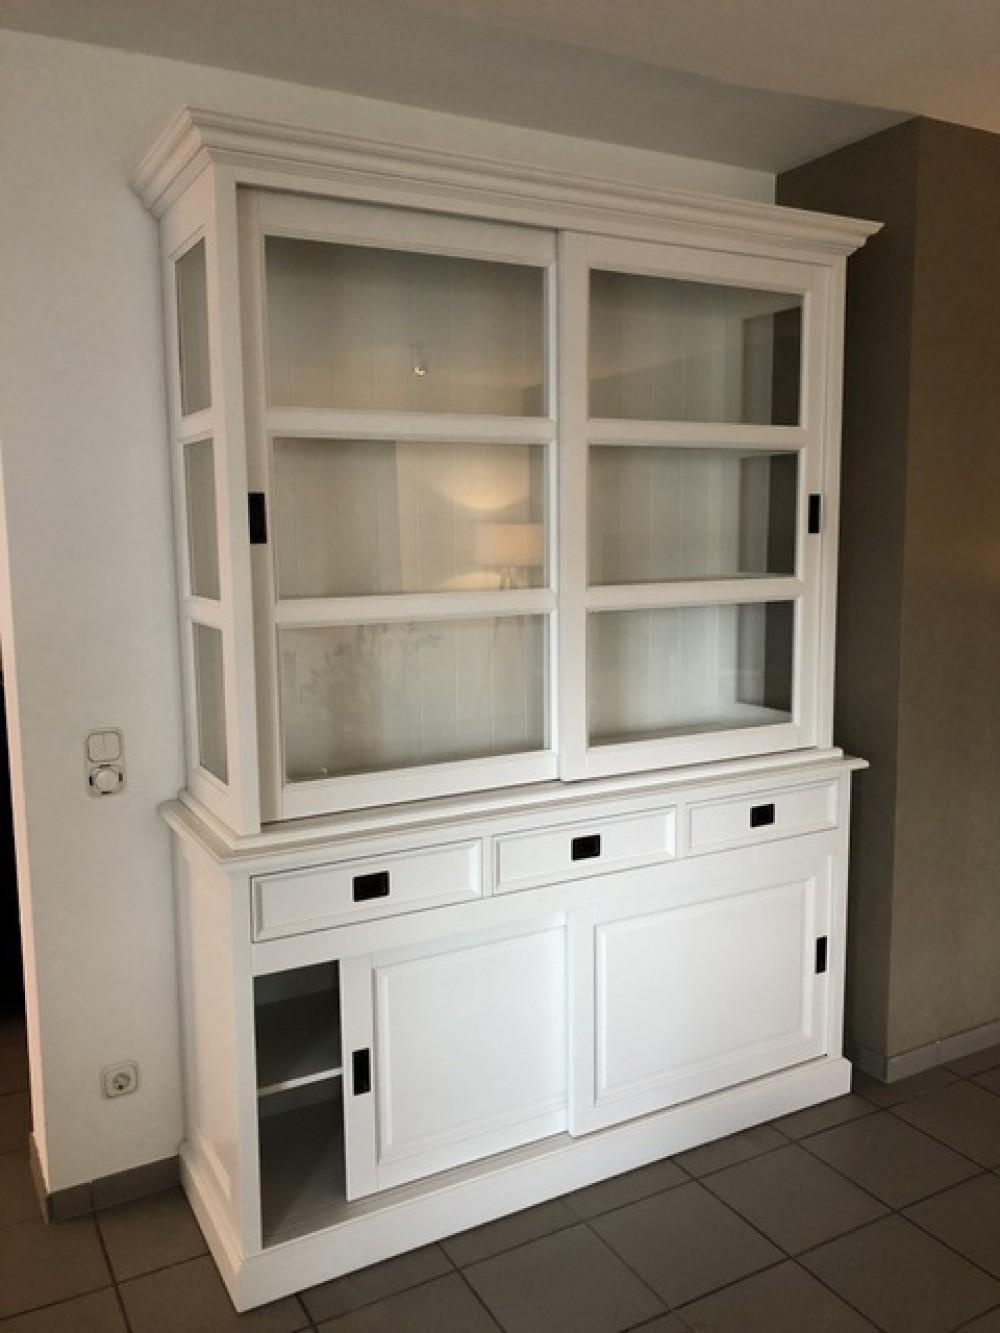 vitrine wei landhausstil geschirrschrank wei landhaus breite 160 cm vitrinen. Black Bedroom Furniture Sets. Home Design Ideas